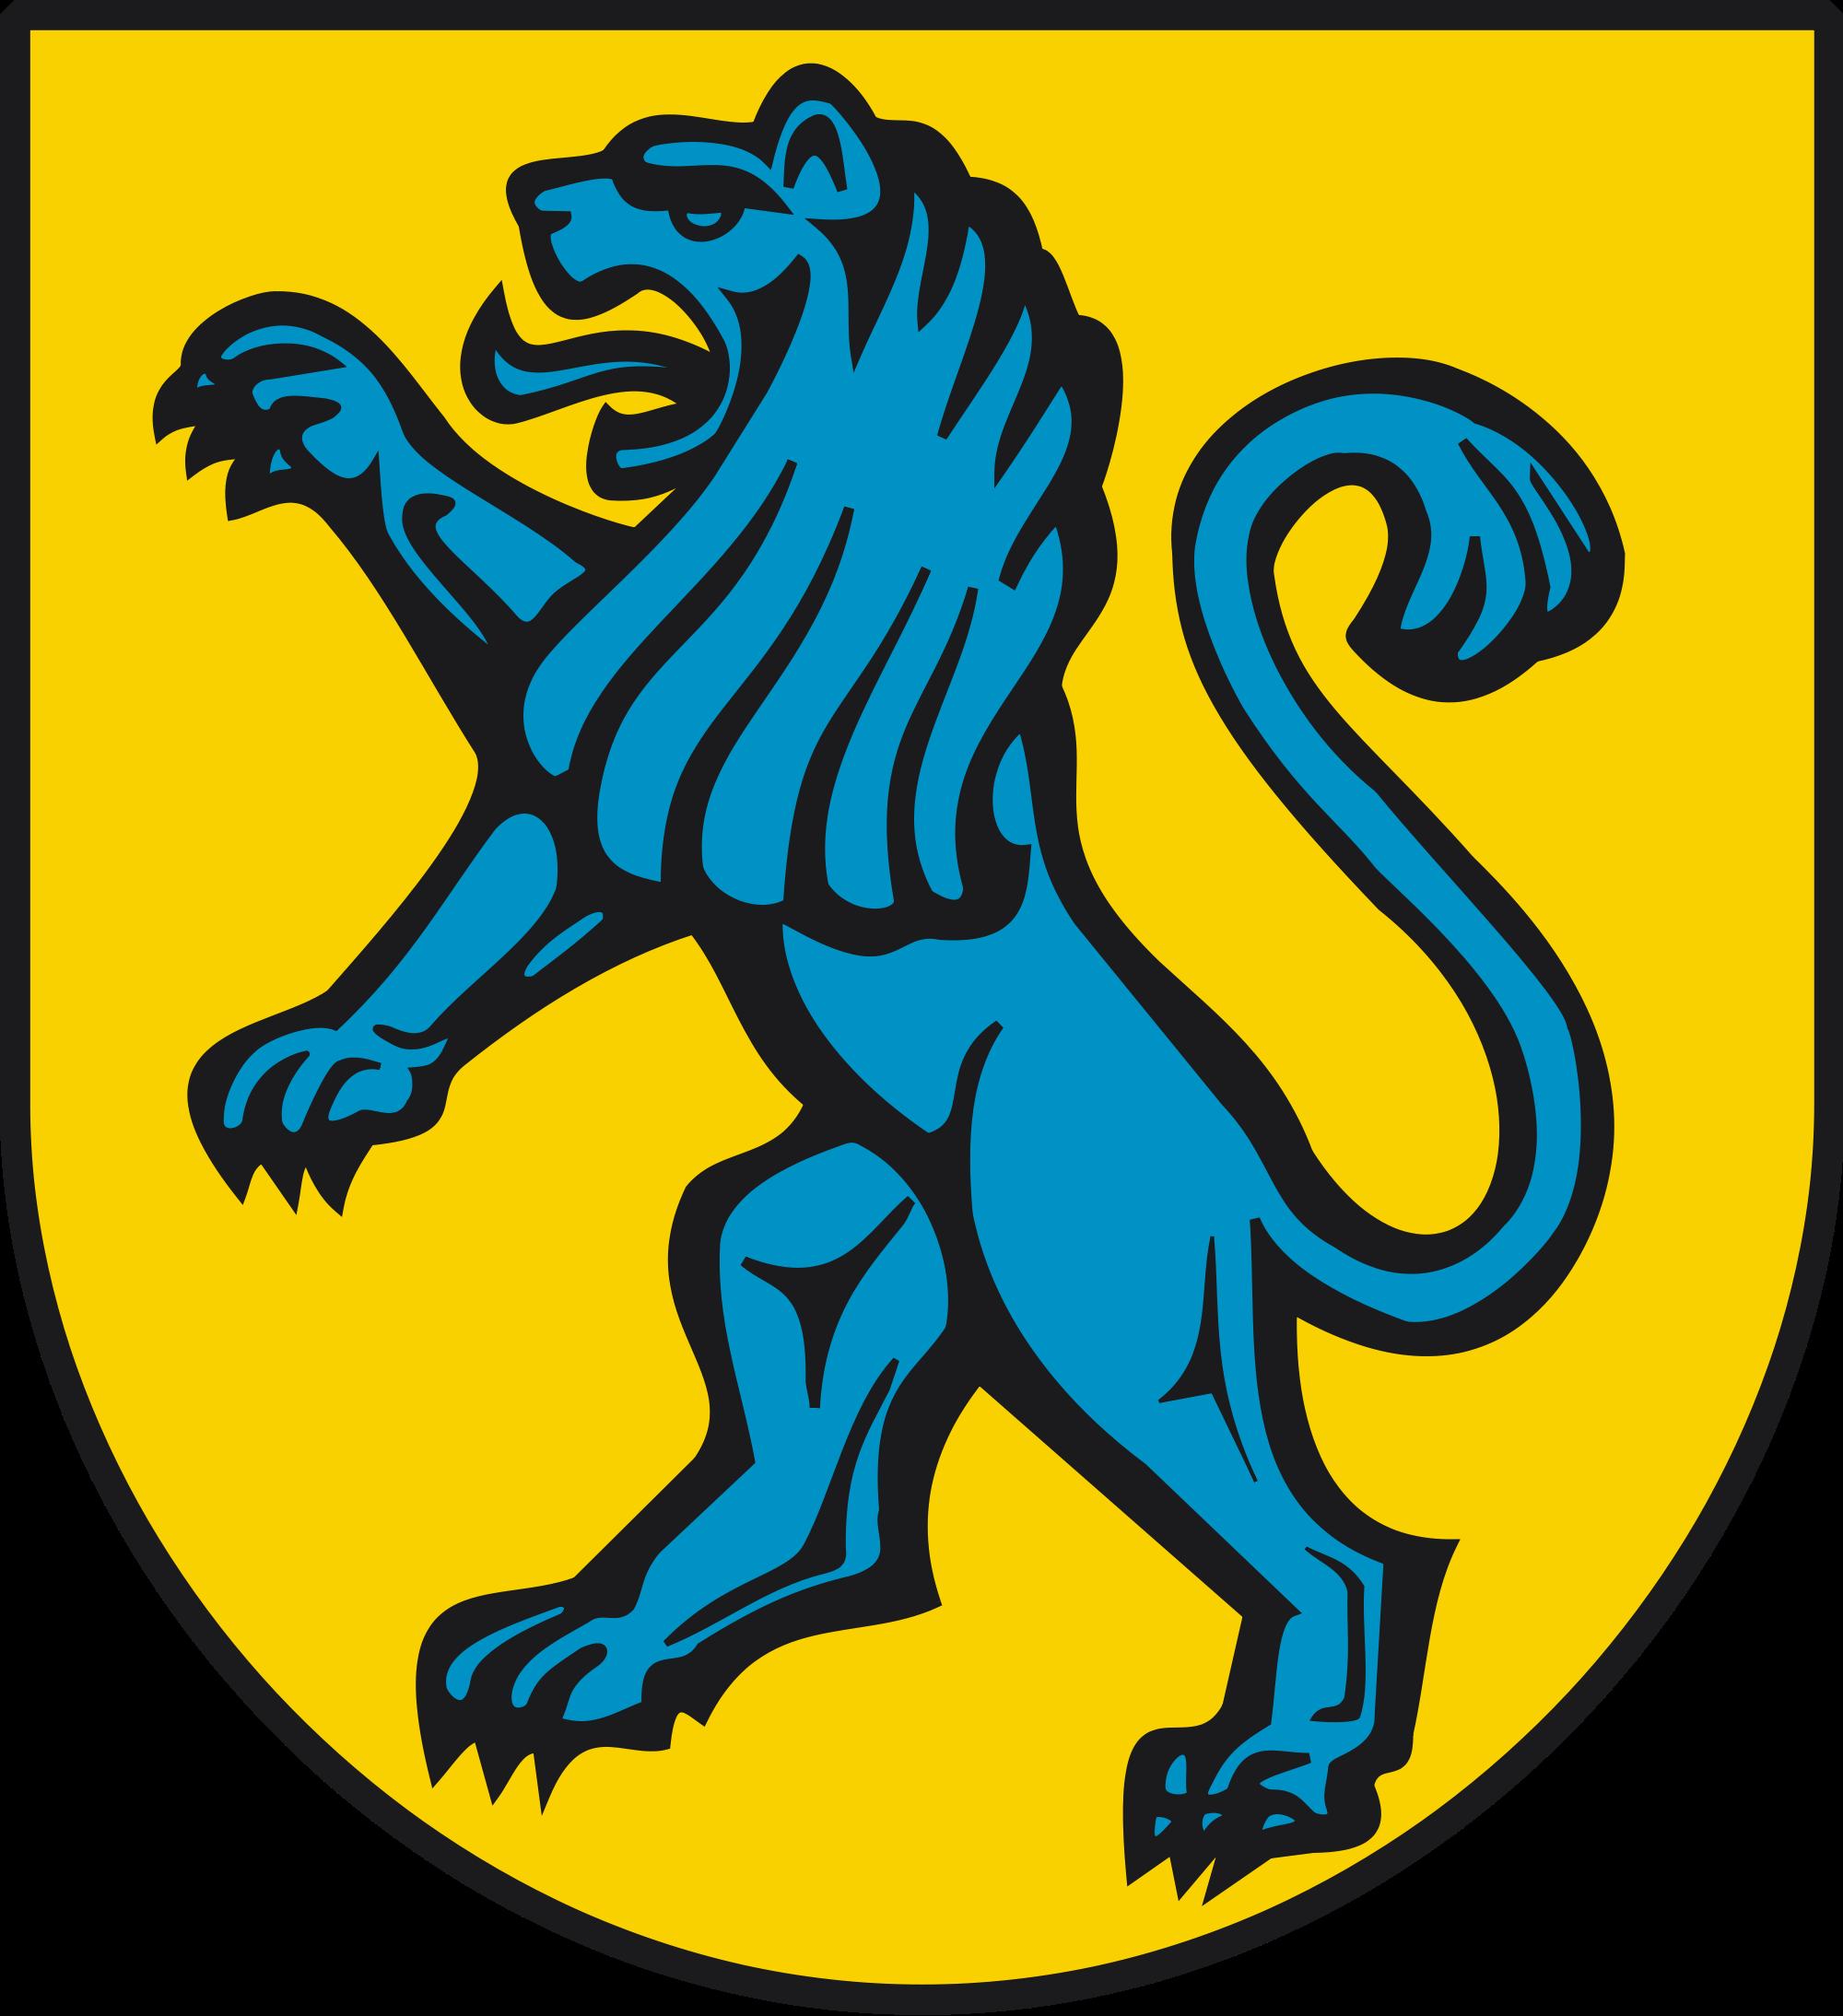 File:Wappen Salach.svg.